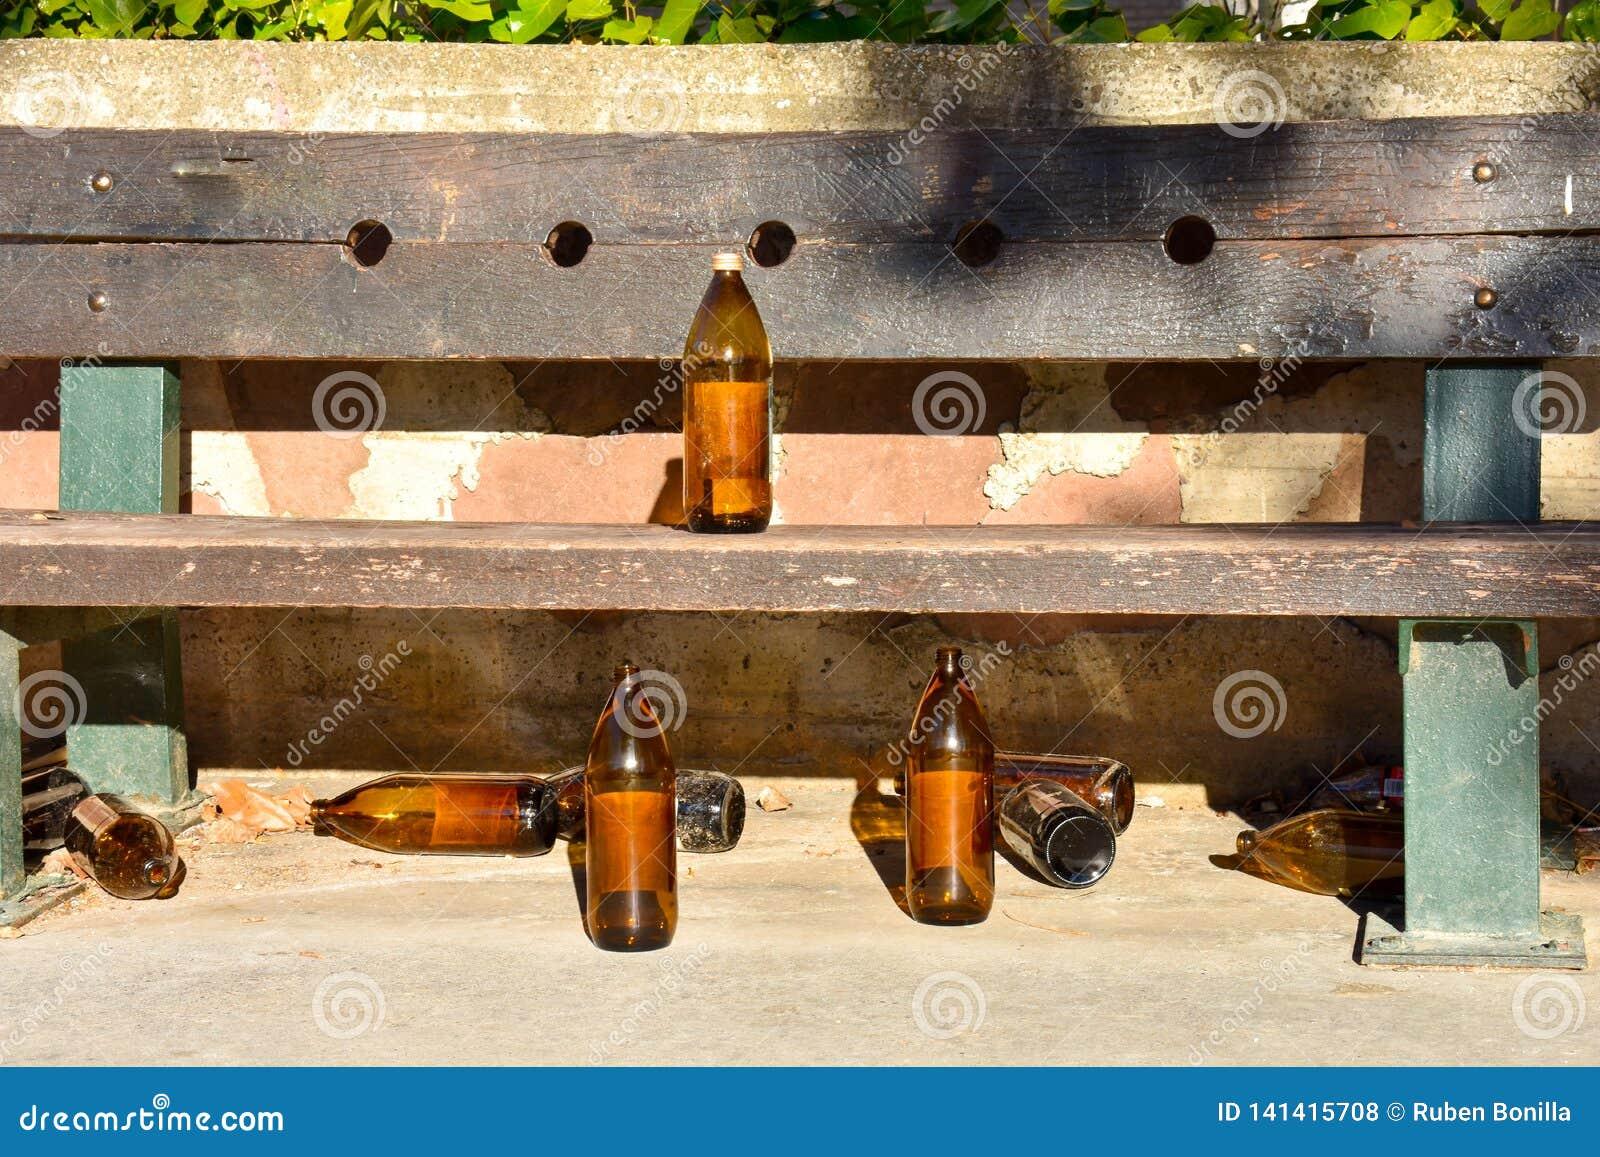 много больших оранжевых бутылок пива сделанных из стекла совершенно пустого на парке должном к кто-нибудь имеют пьяное время пере